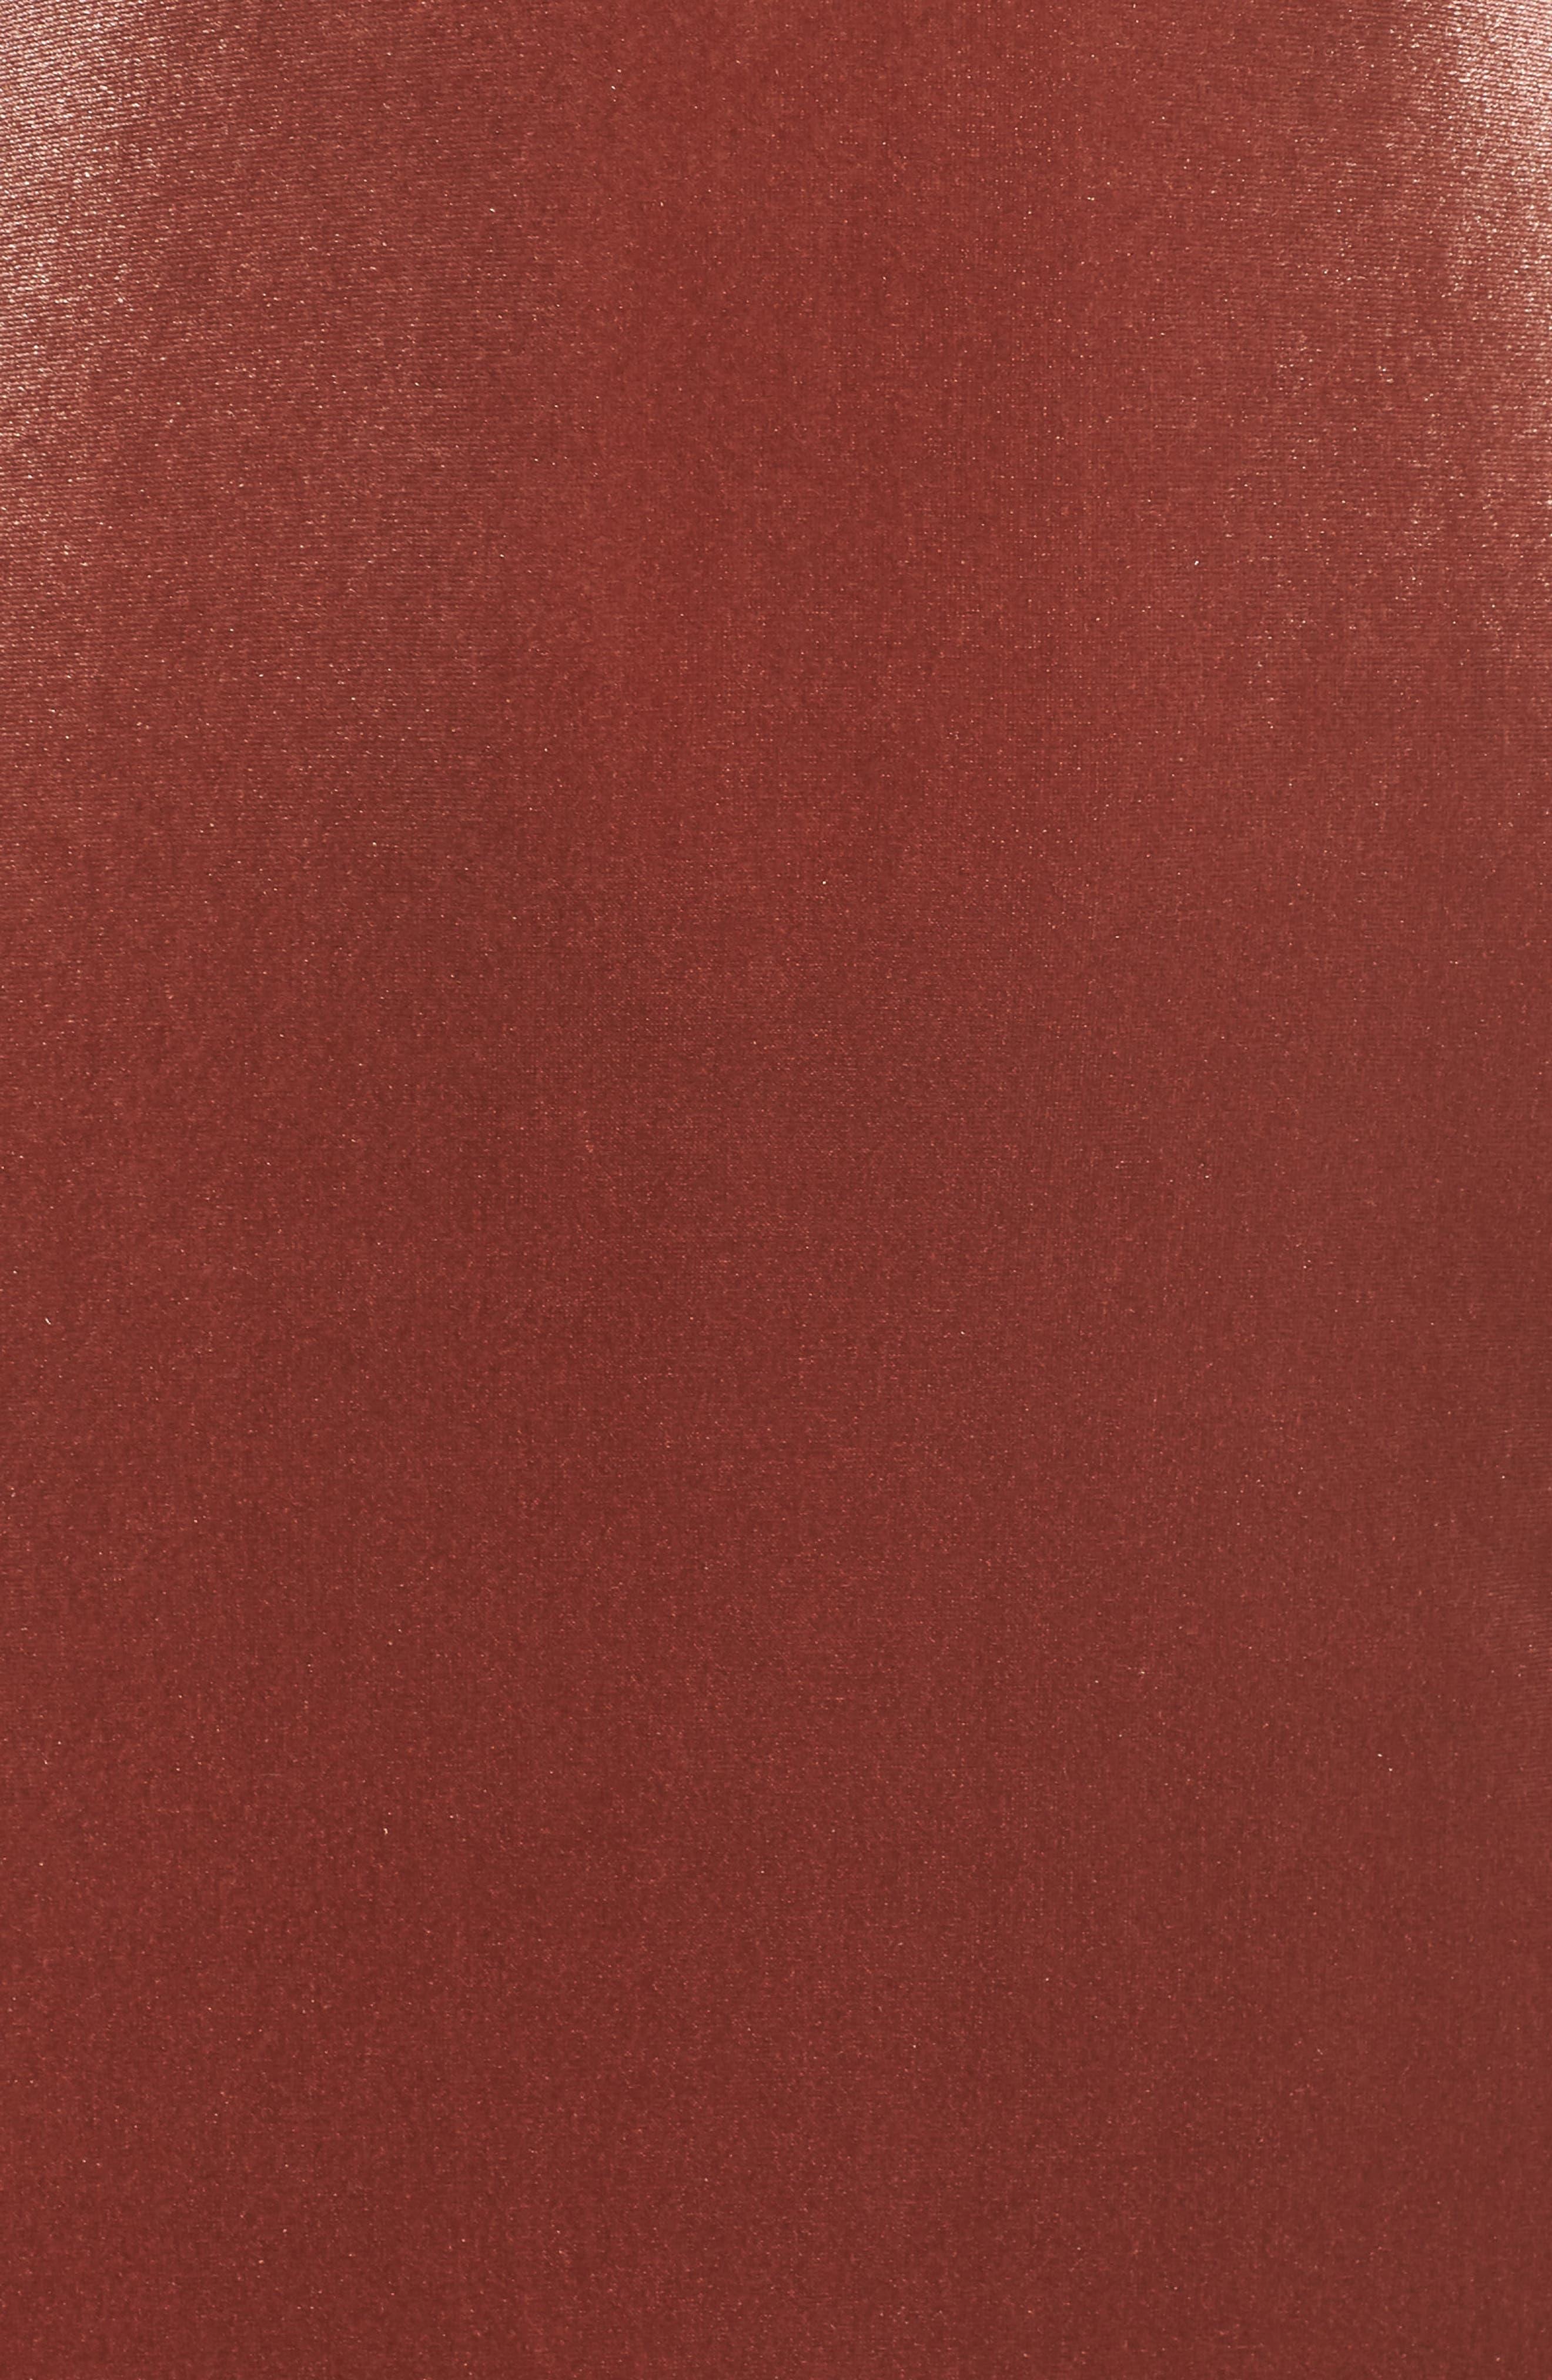 Sullivan Velvet Cowl Neck Gown,                             Alternate thumbnail 5, color,                             ENGLISH ROSE